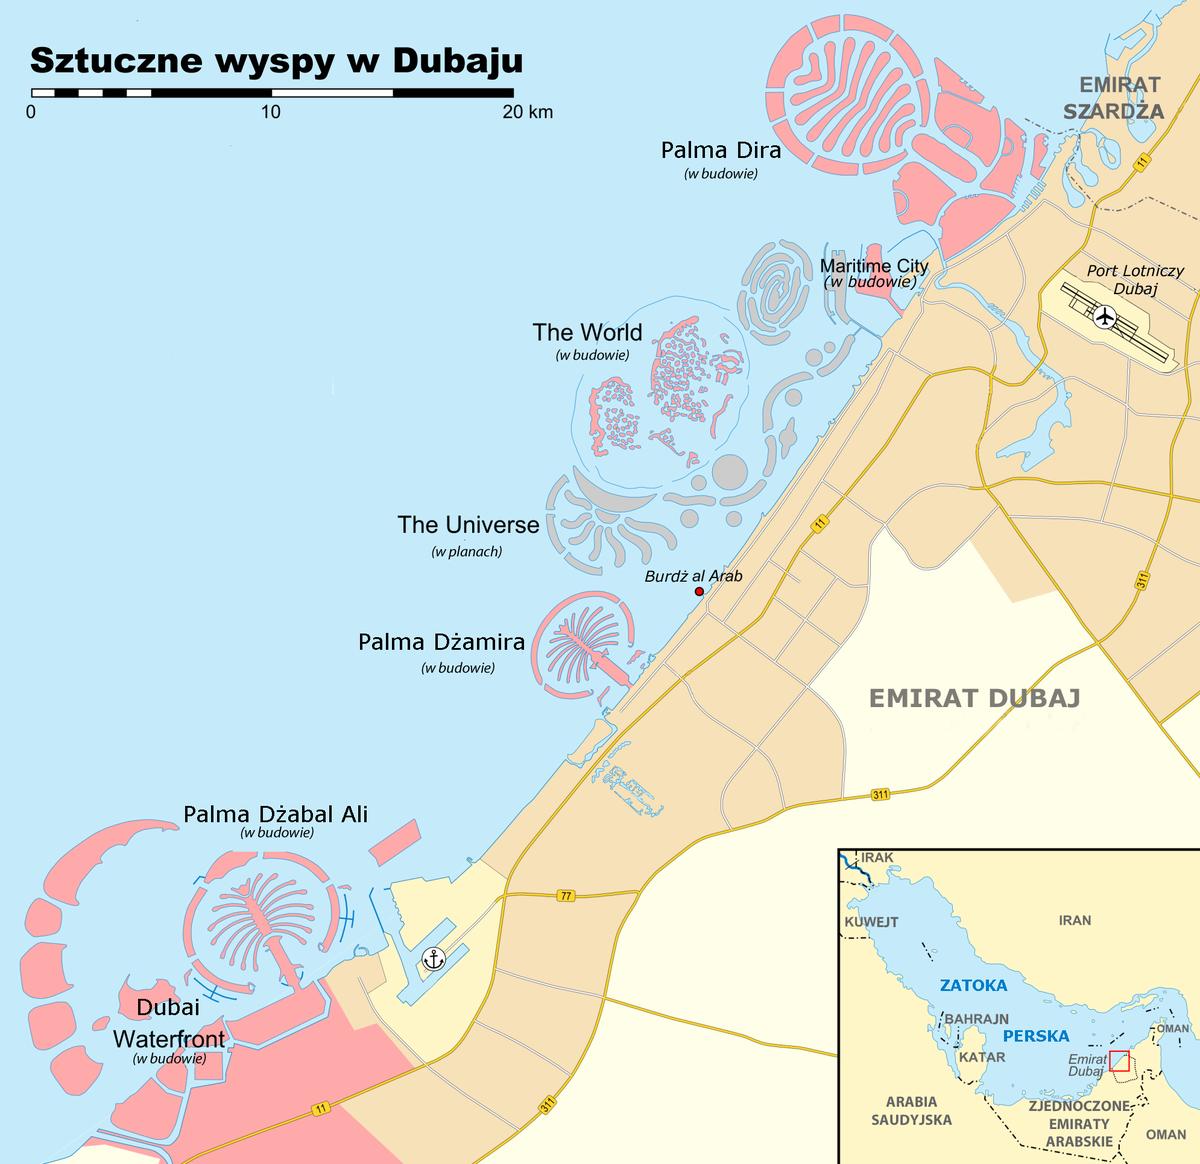 Острова дубай карта мира квартиры в оаэ стоимость